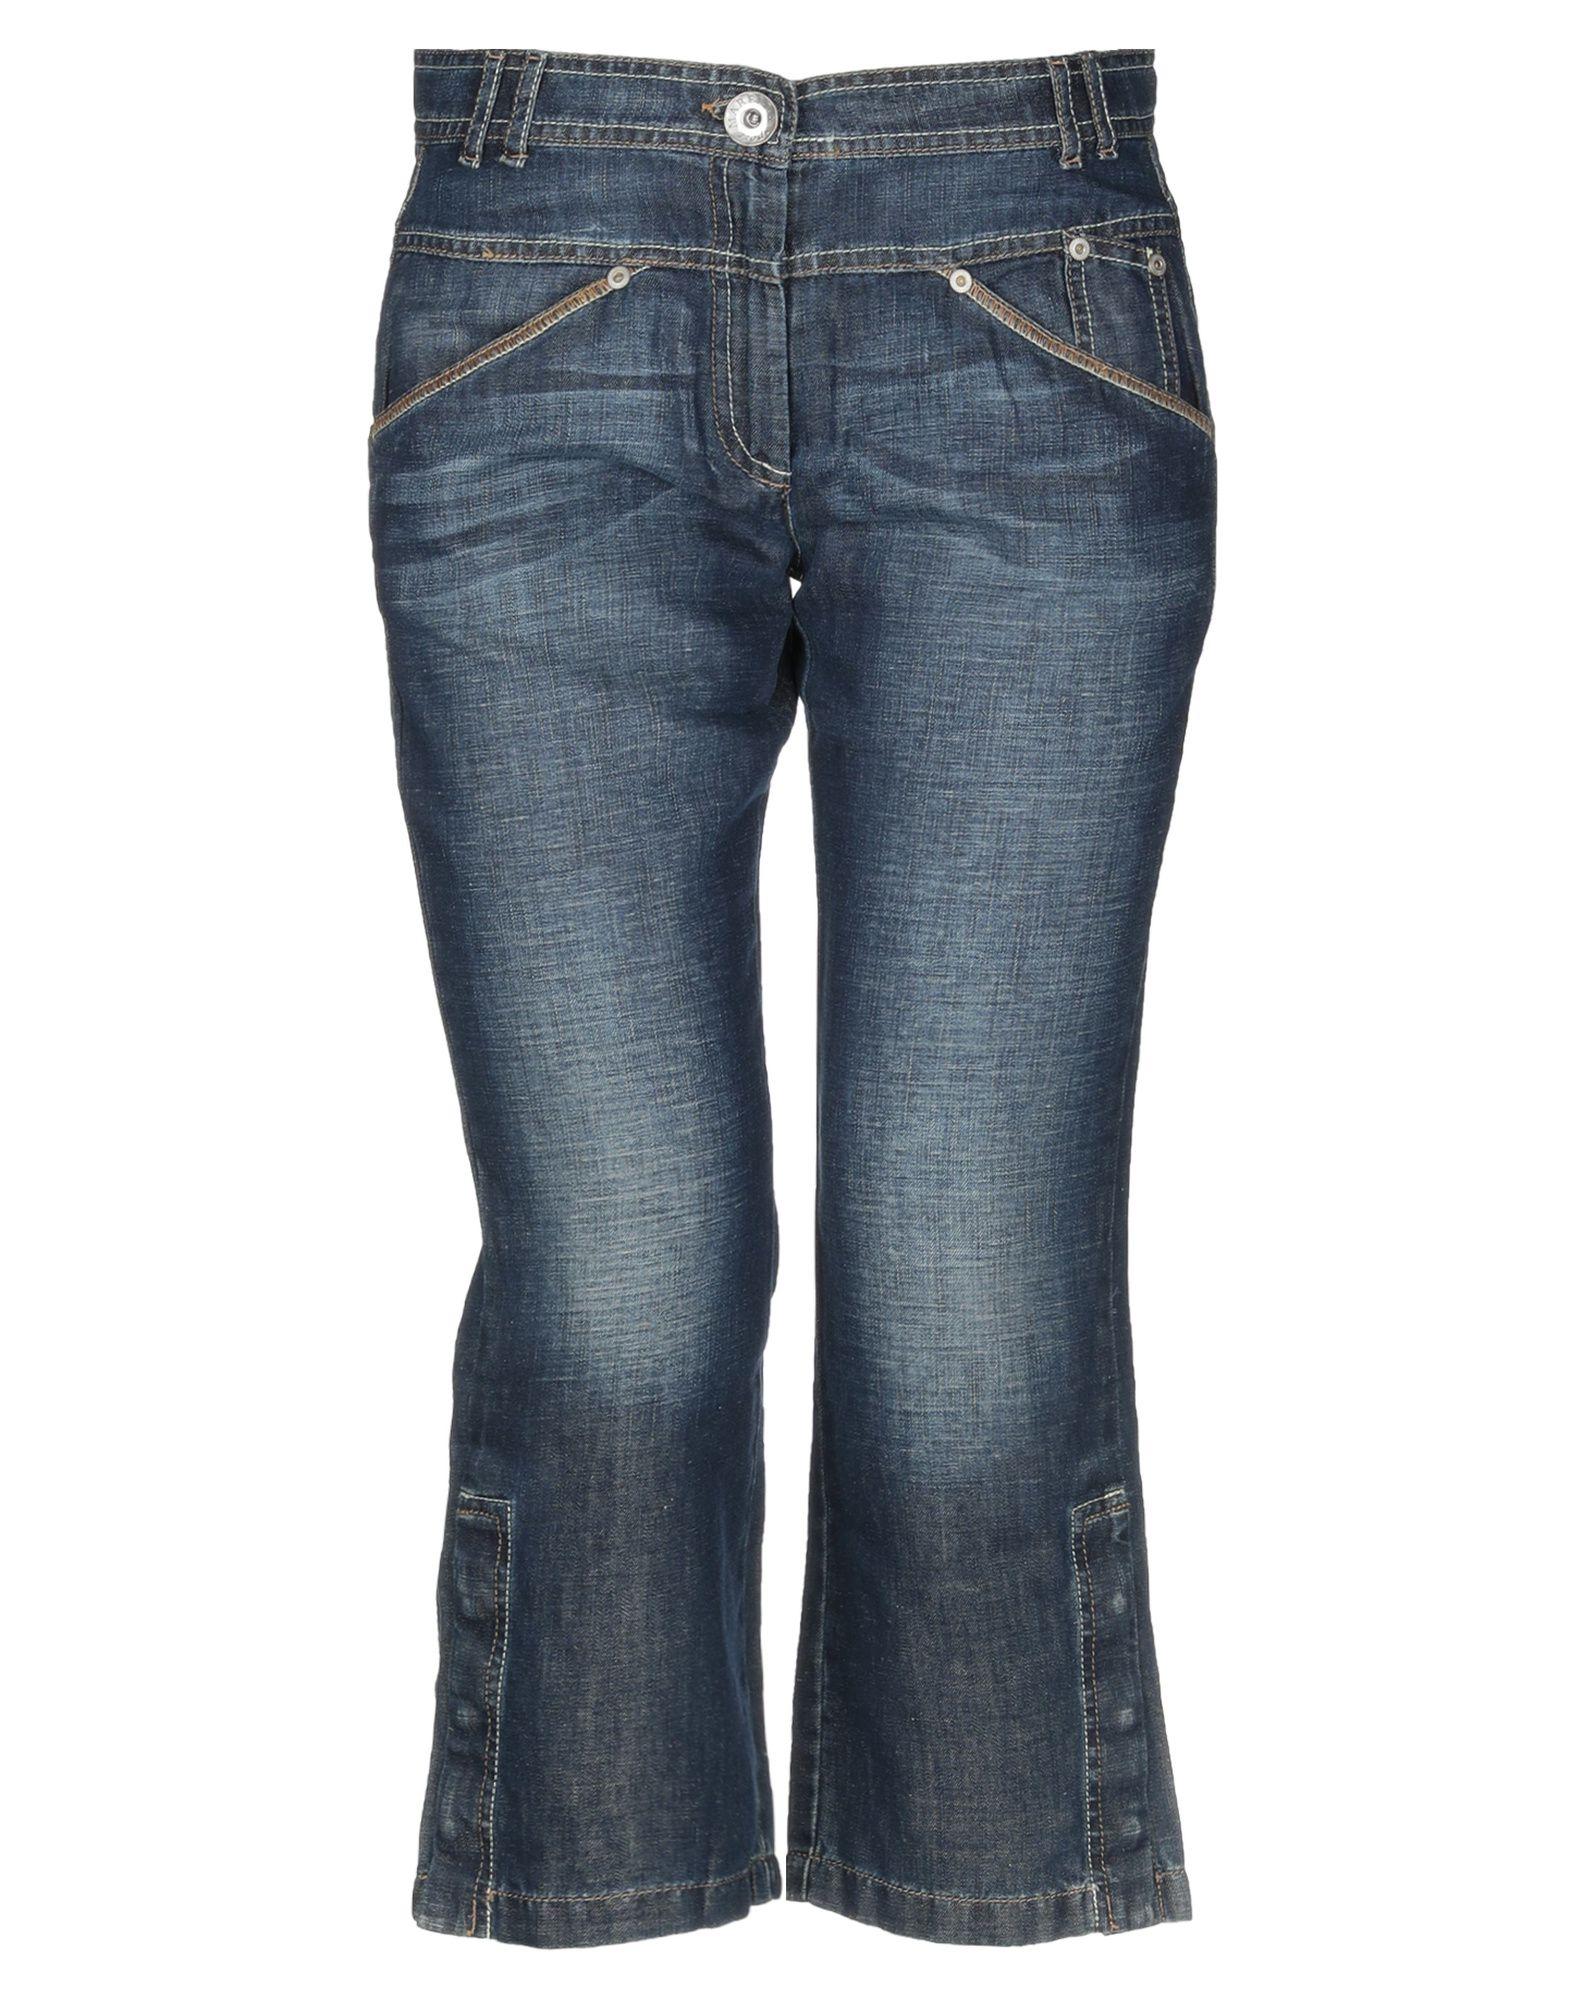 Фото - MARELLA SPORT Джинсовые брюки-капри marella sport брюки капри